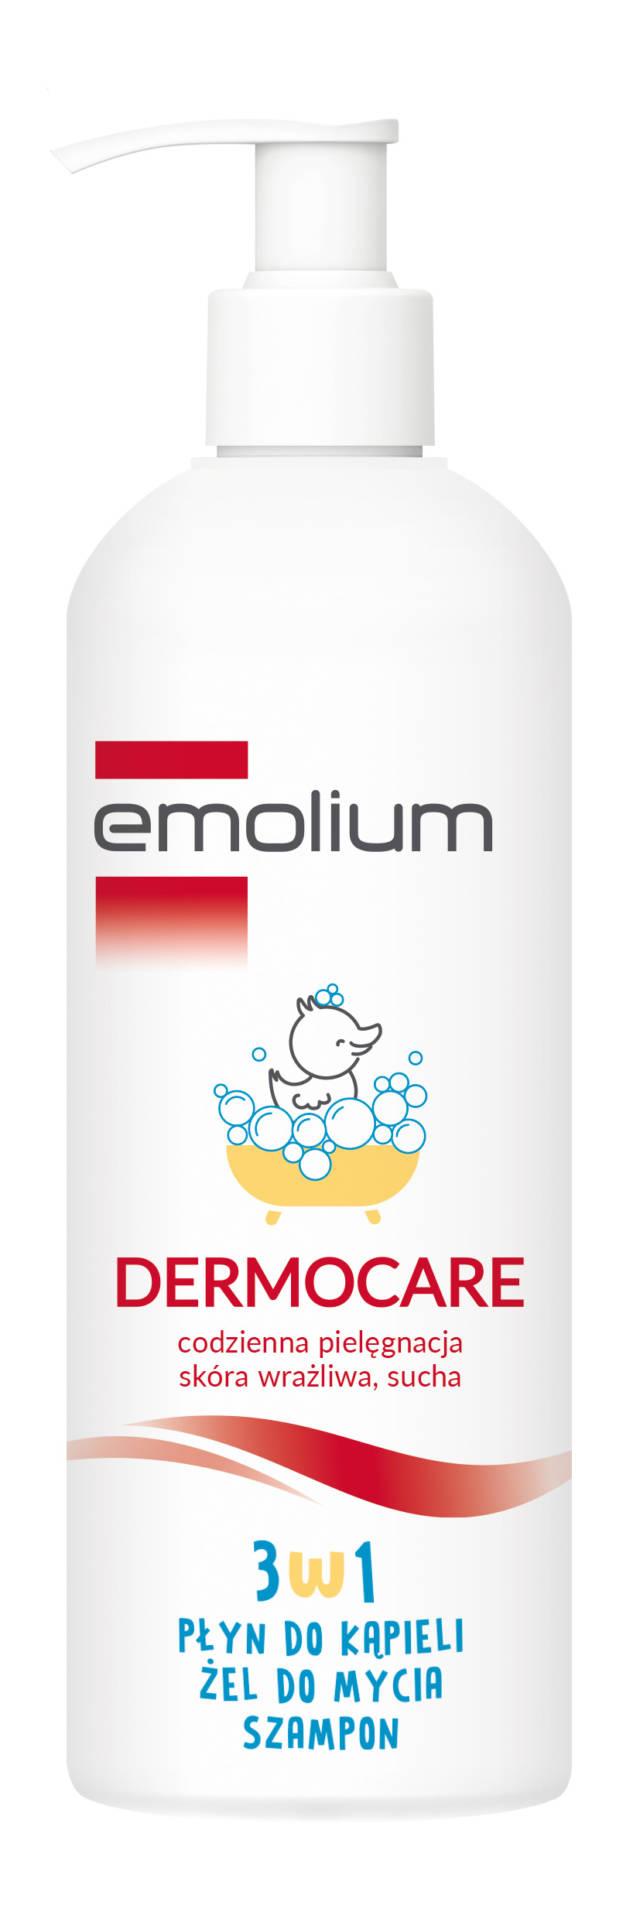 EMOLIUM DERMOCARE 3w1 płyn do kąpieli, żel do mycia, szampon 400ml